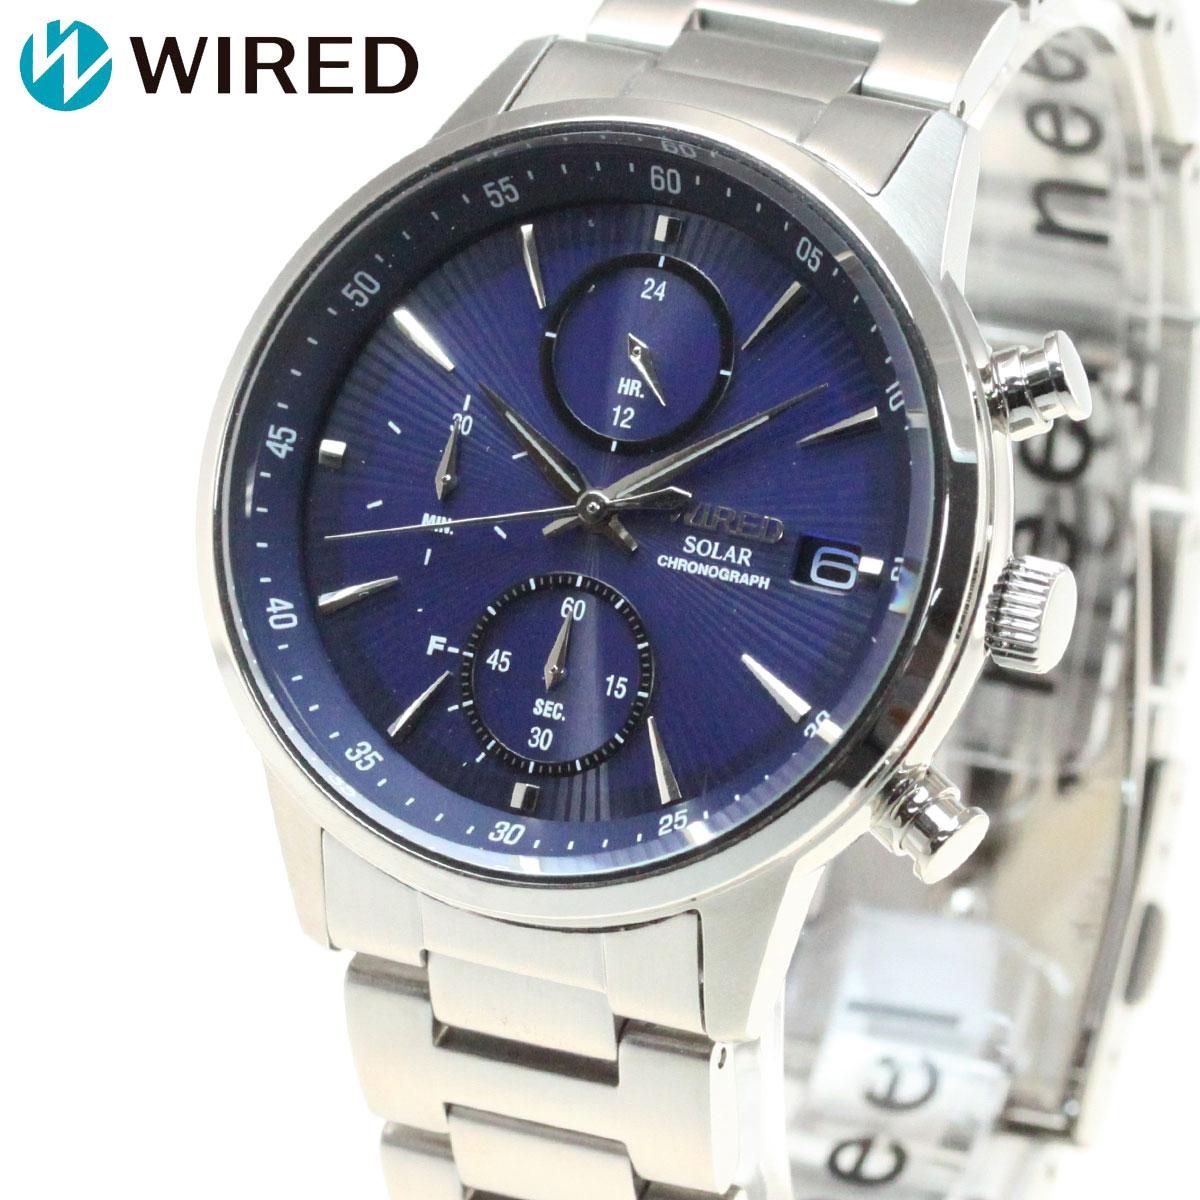 セイコー ワイアード SEIKO WIRED ソーラー クロノグラフ 腕時計 メンズ ニュースタンダードモデル AGAD407